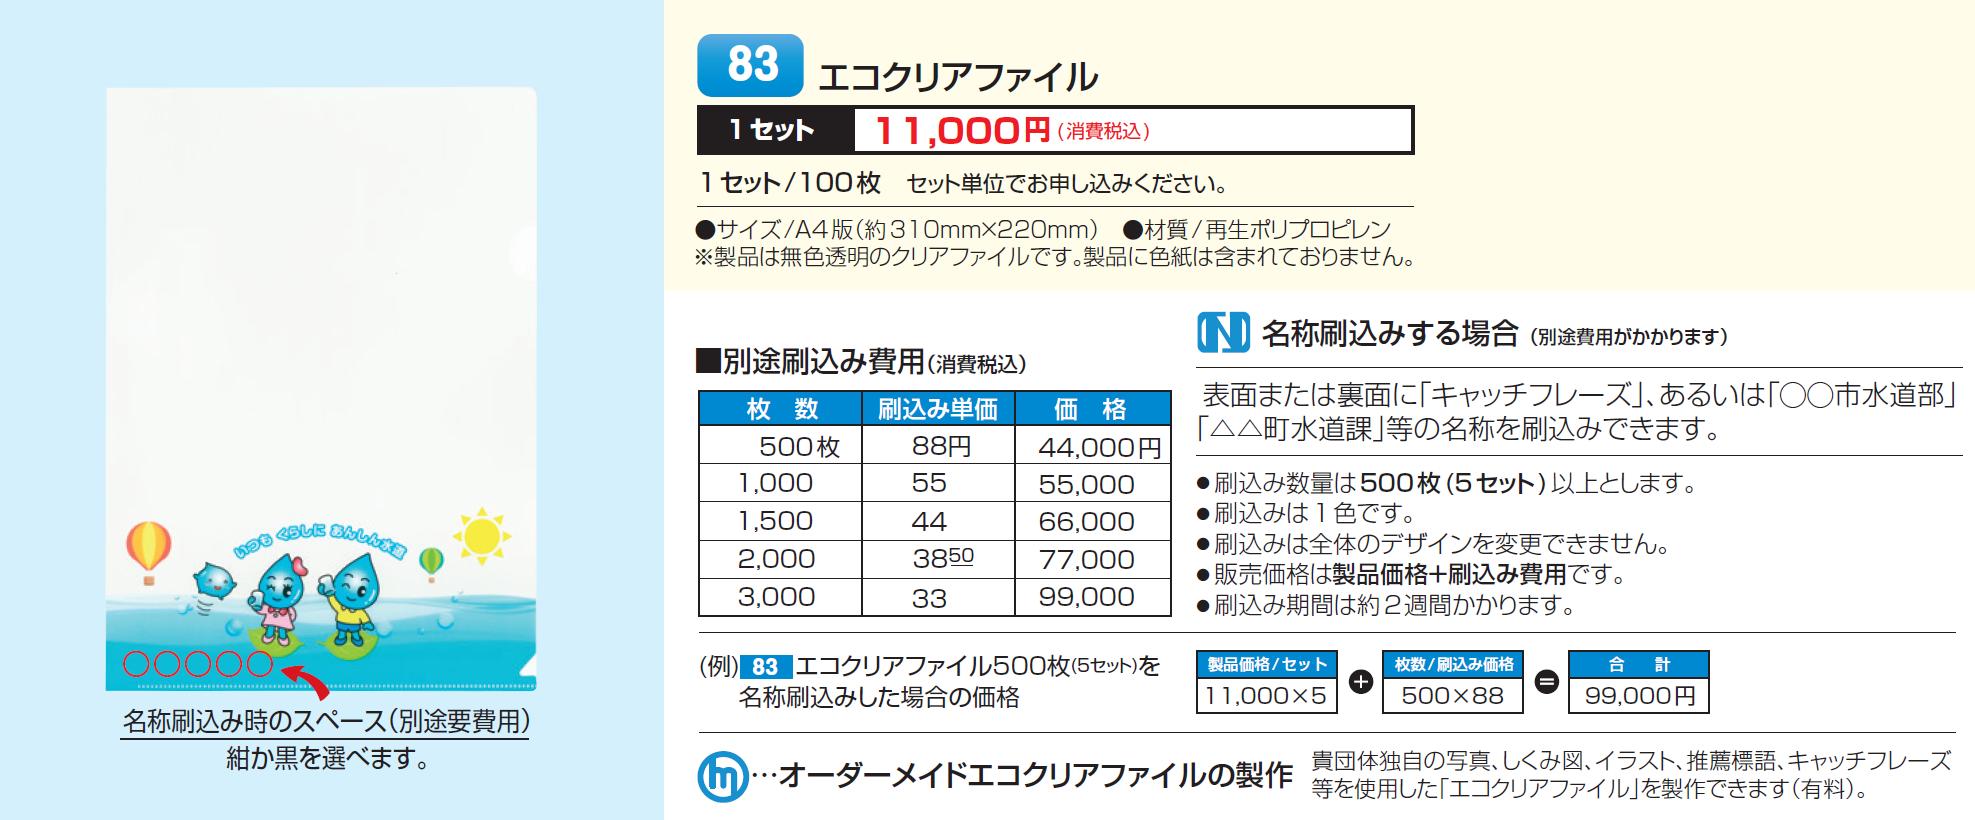 【製品No.83】エコクリアファイル